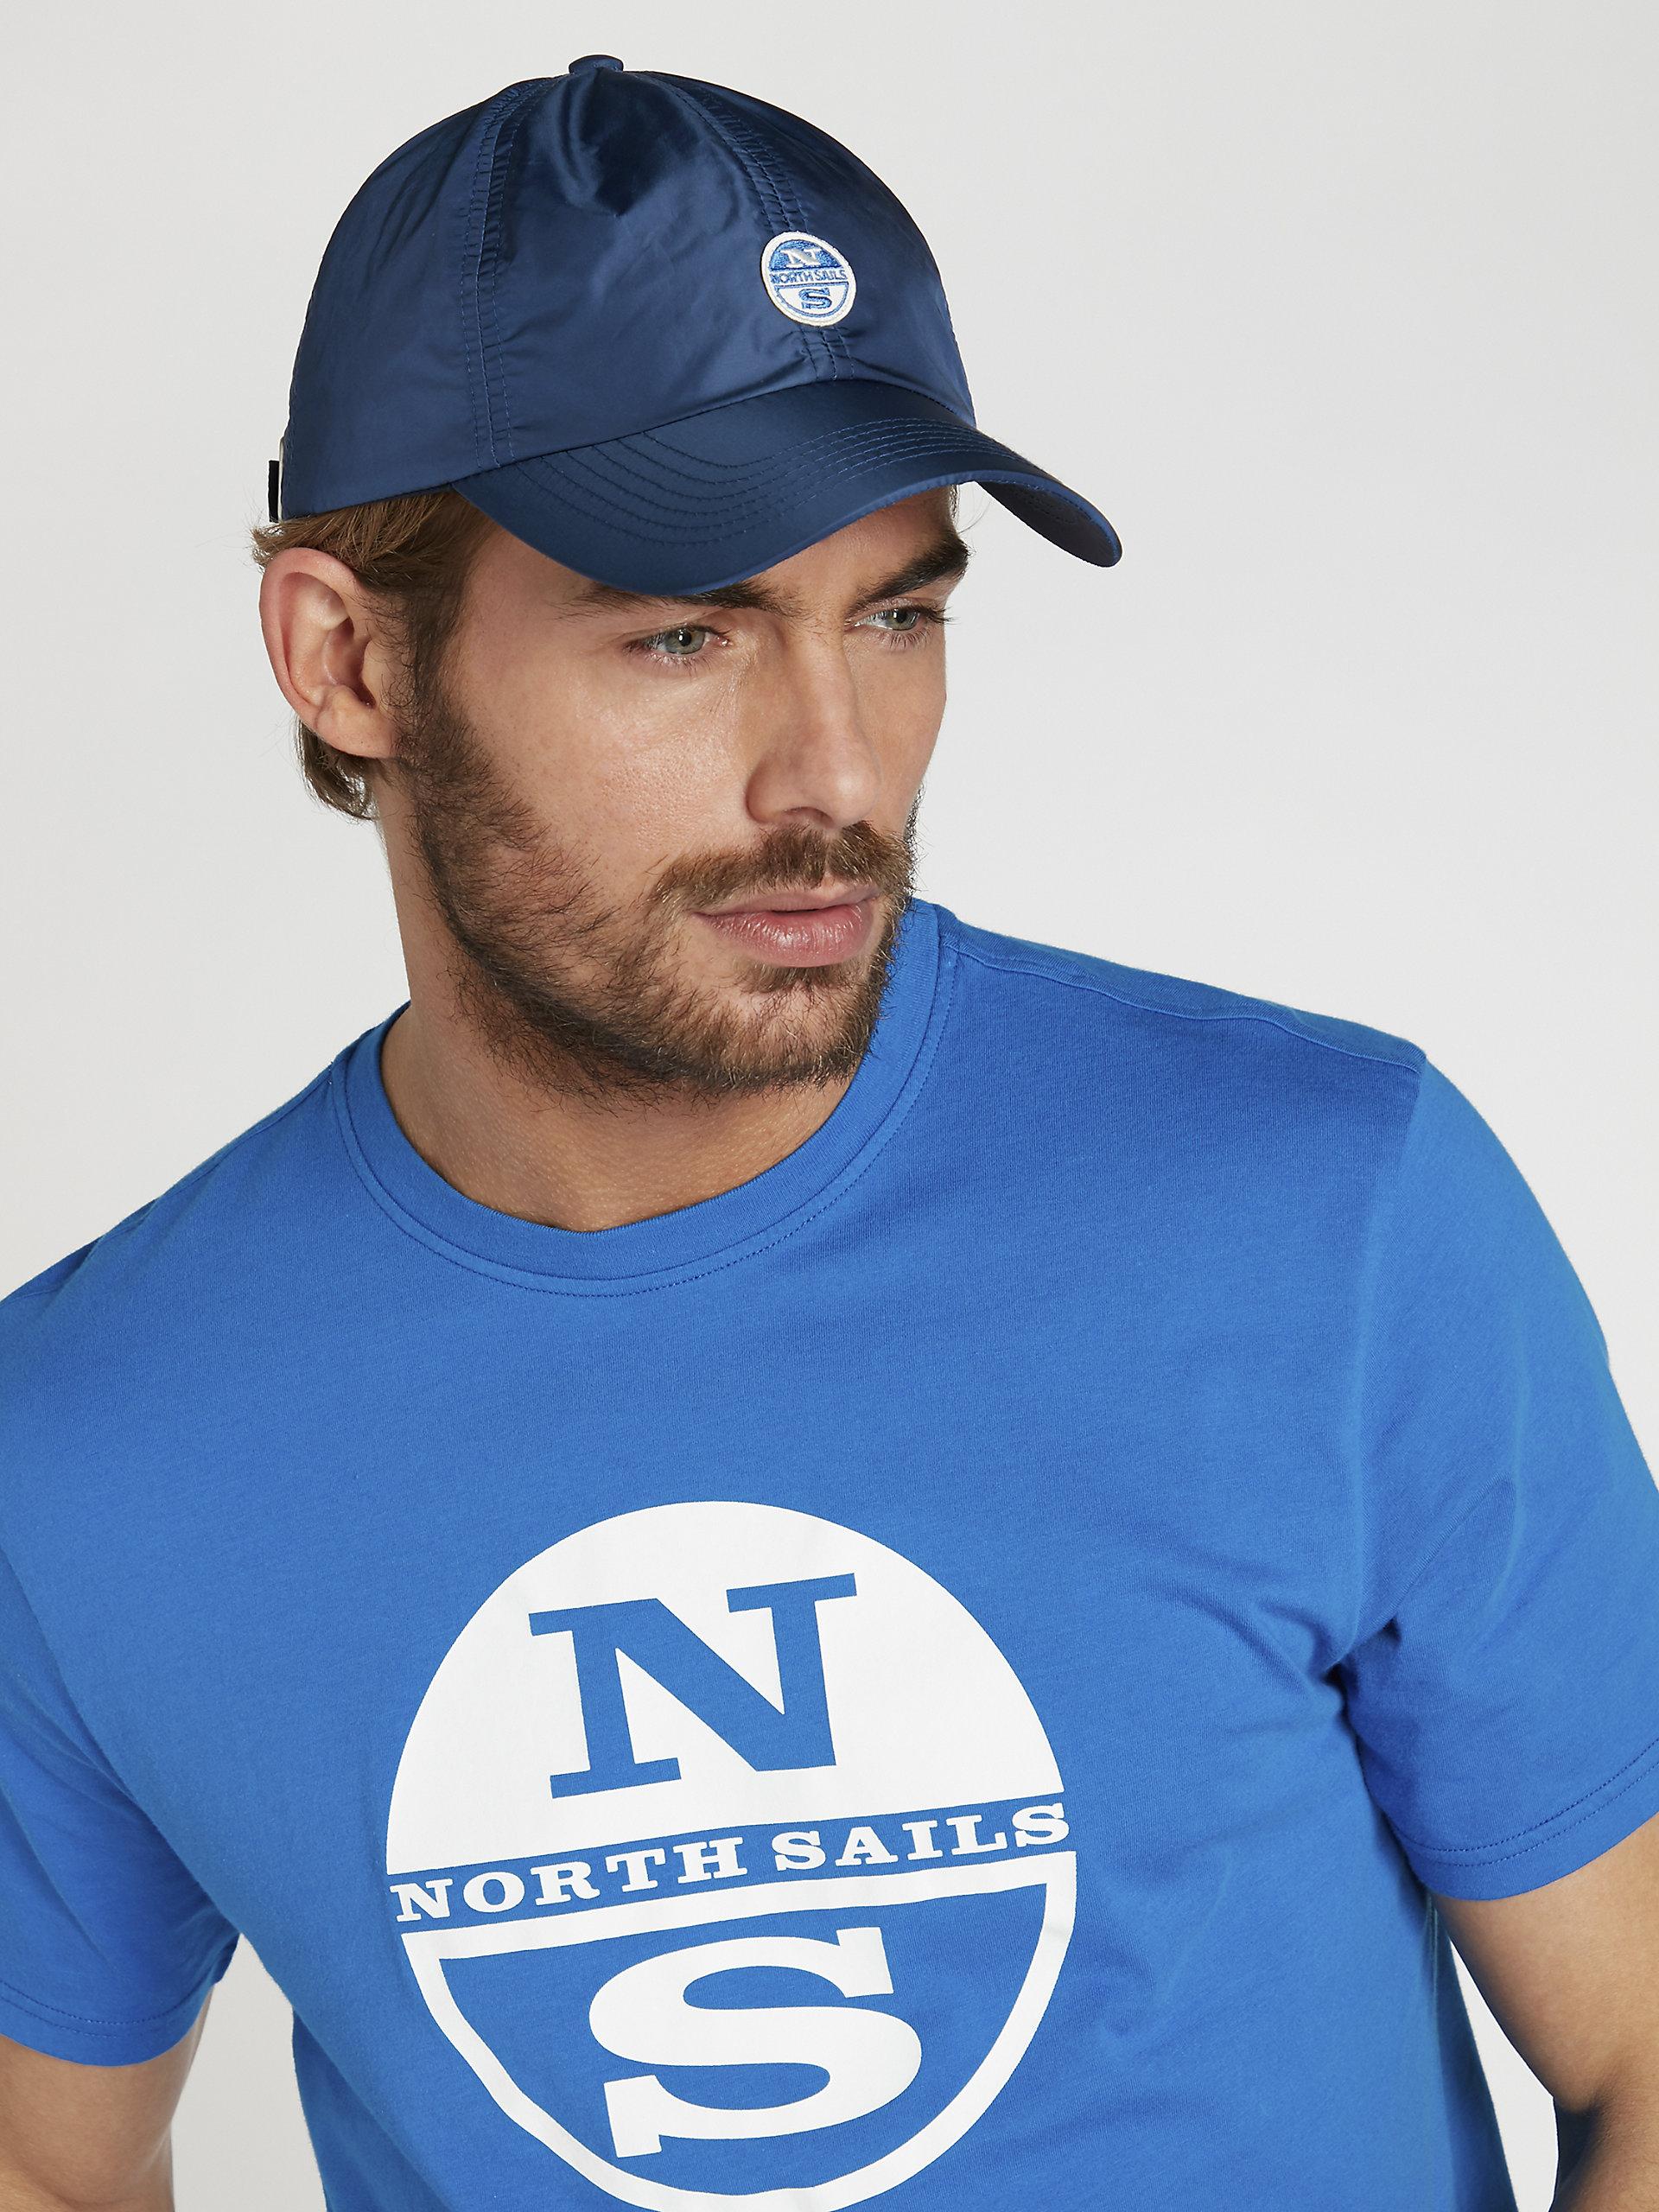 North-Sails-Unisex-Baseball-Cap-Supple-Made-of-Talan-Nylon-OS thumbnail 3